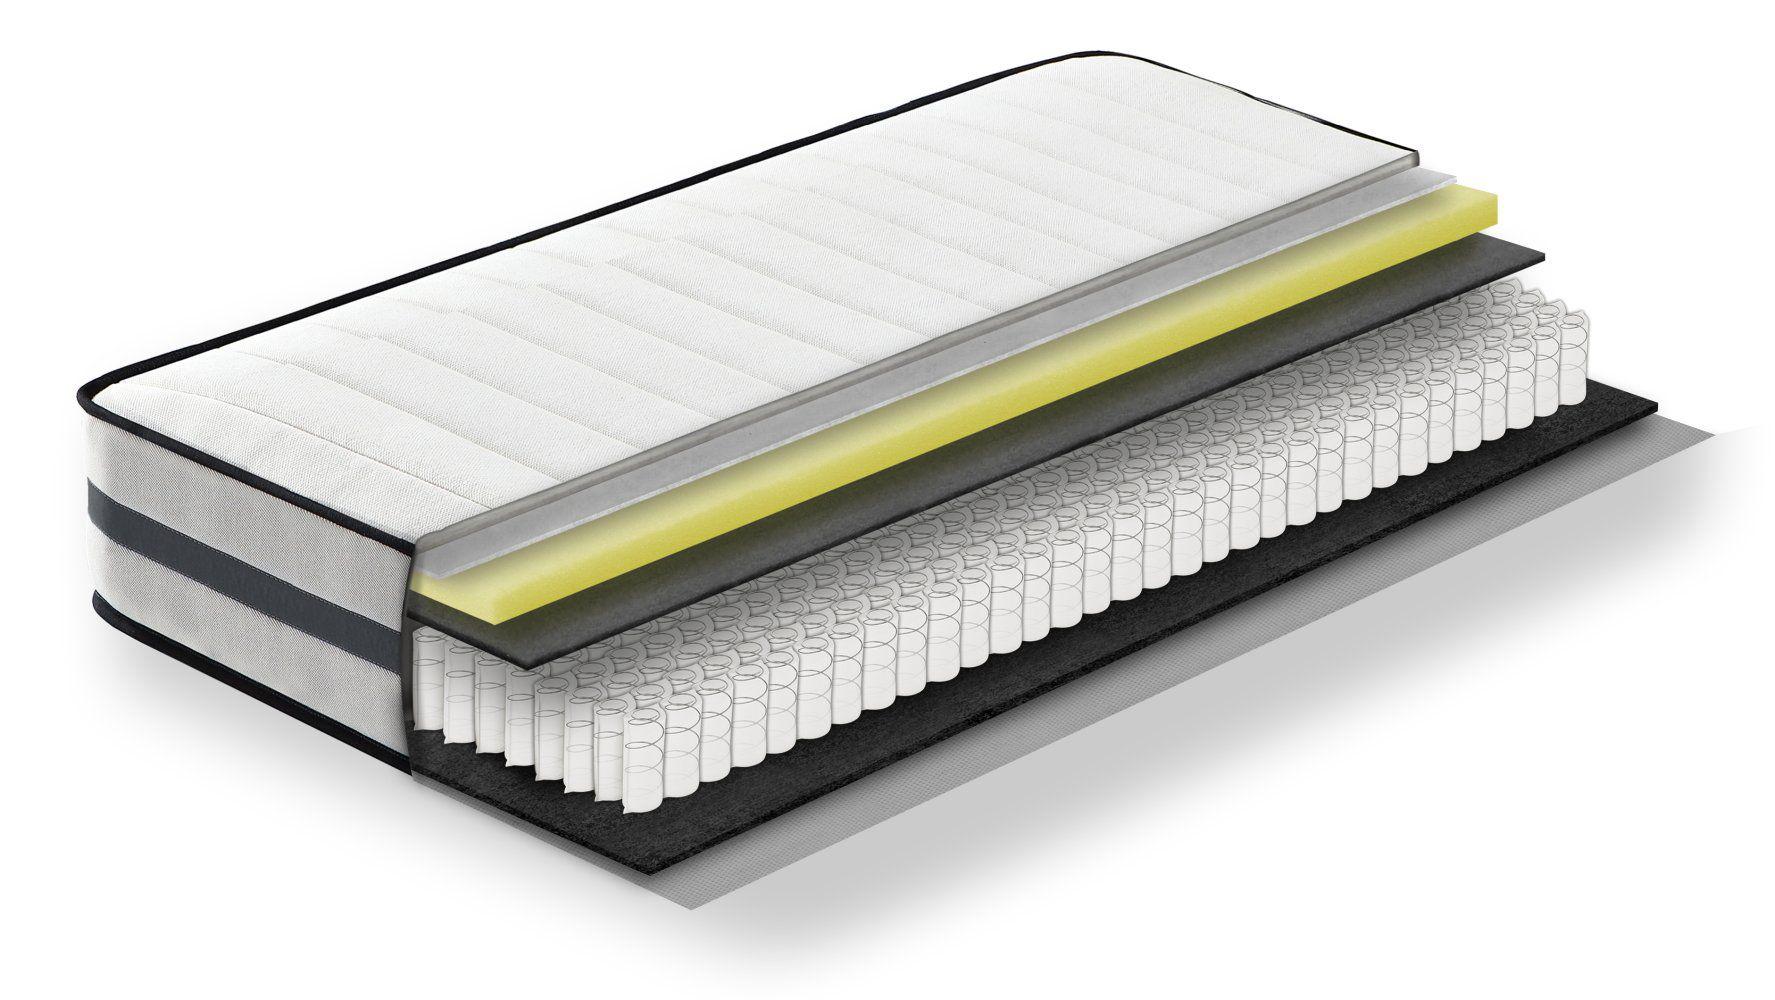 Steiner Premium Matratze Fantasy mit Taschenfederkern - Größe: 90 x 190 cm, Härtegrad H2-H3, Höhe: 22,5 cm